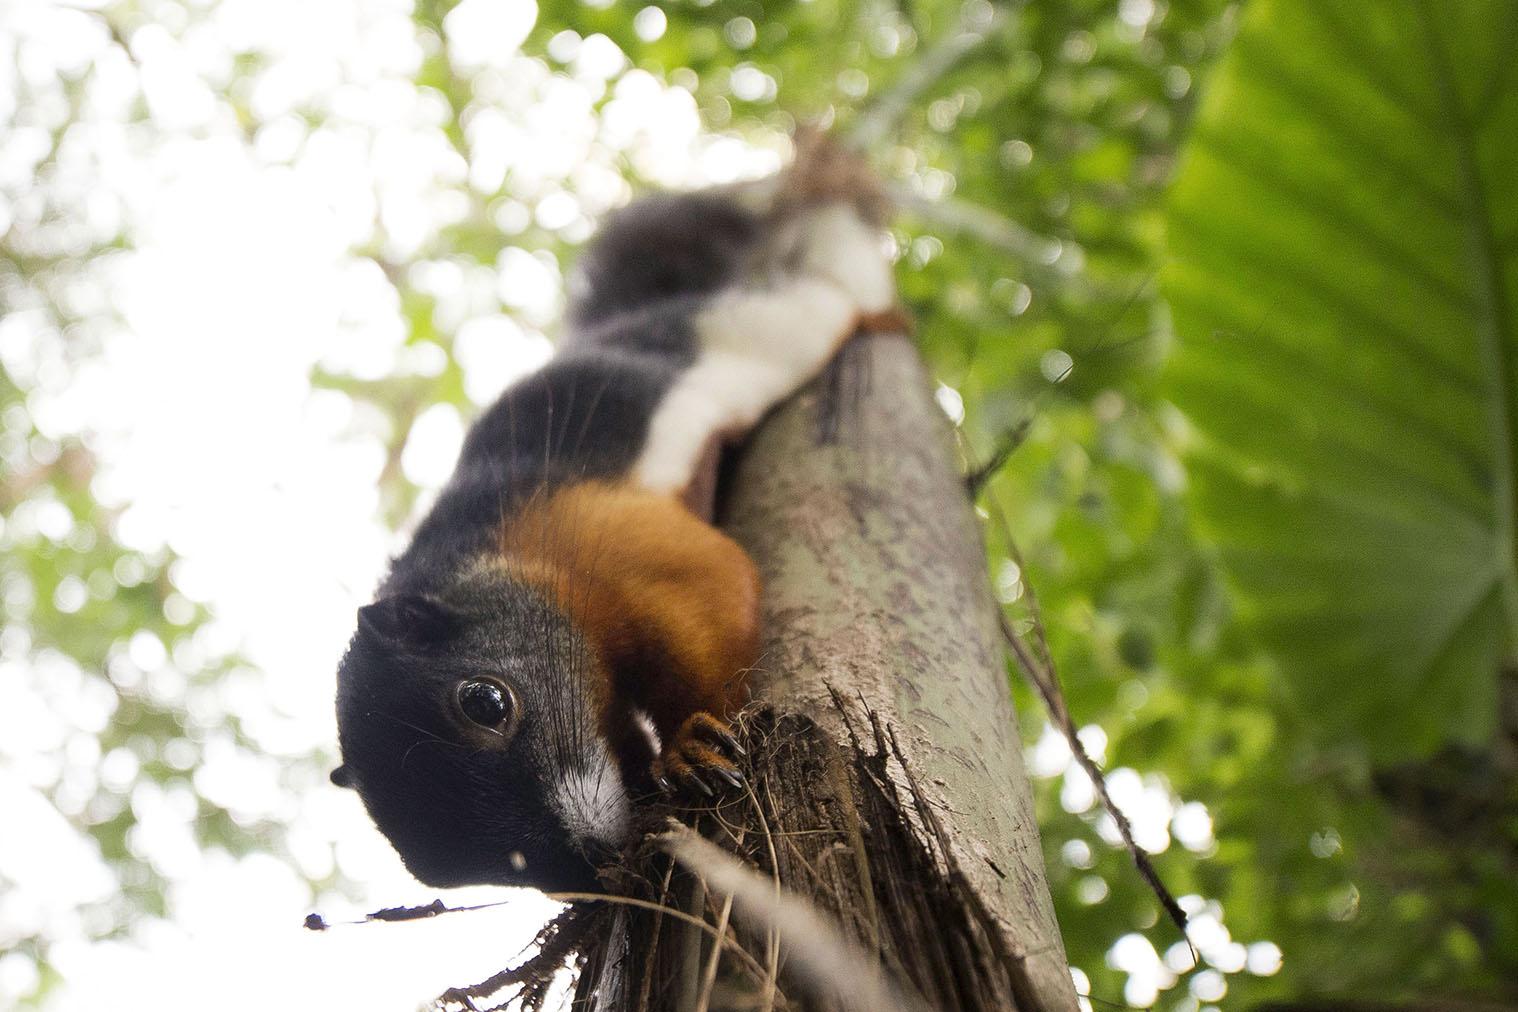 Dette egern er bare 20 cm. langt. Men perspektivet, det er fotograferet gennem, rokker ved min oplevelse af det faktum.